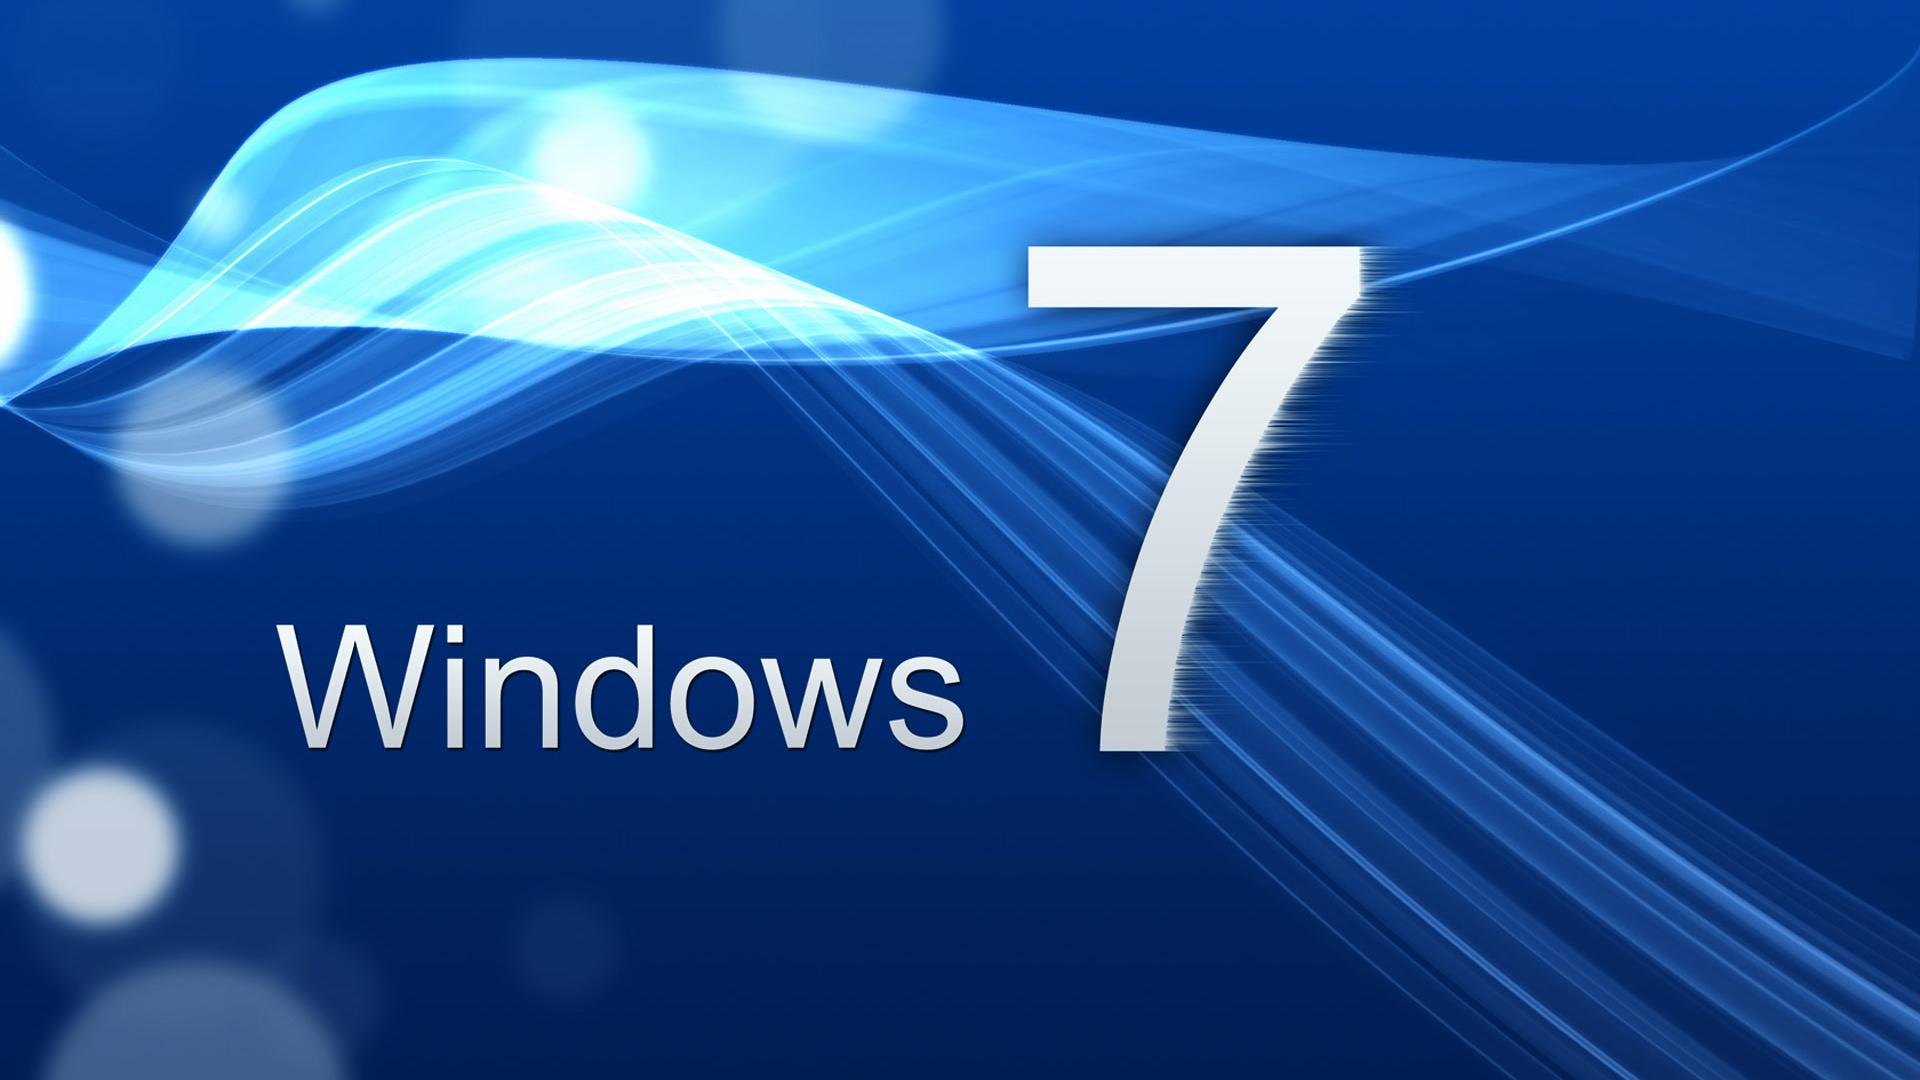 Free Windows 7 3D HD Wallpapers Widescreen Desktop